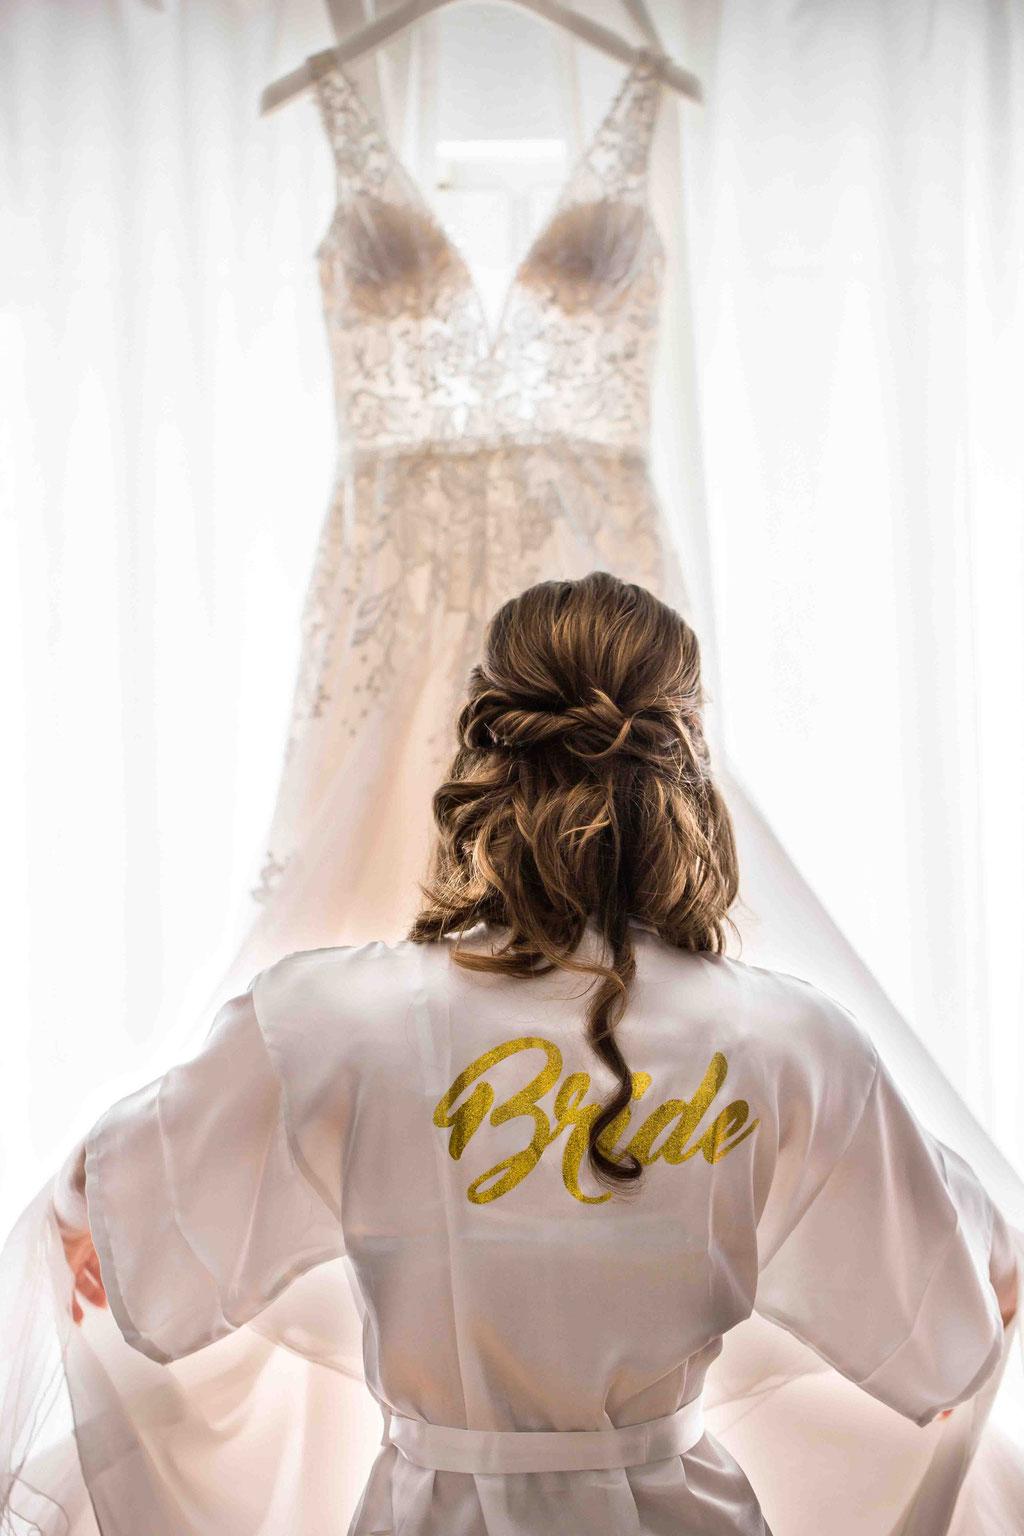 Bewunderung Hochzeitskleid an der Hochzeit, Vorbereitung der eigenen Hochzeit, Braut anziehen